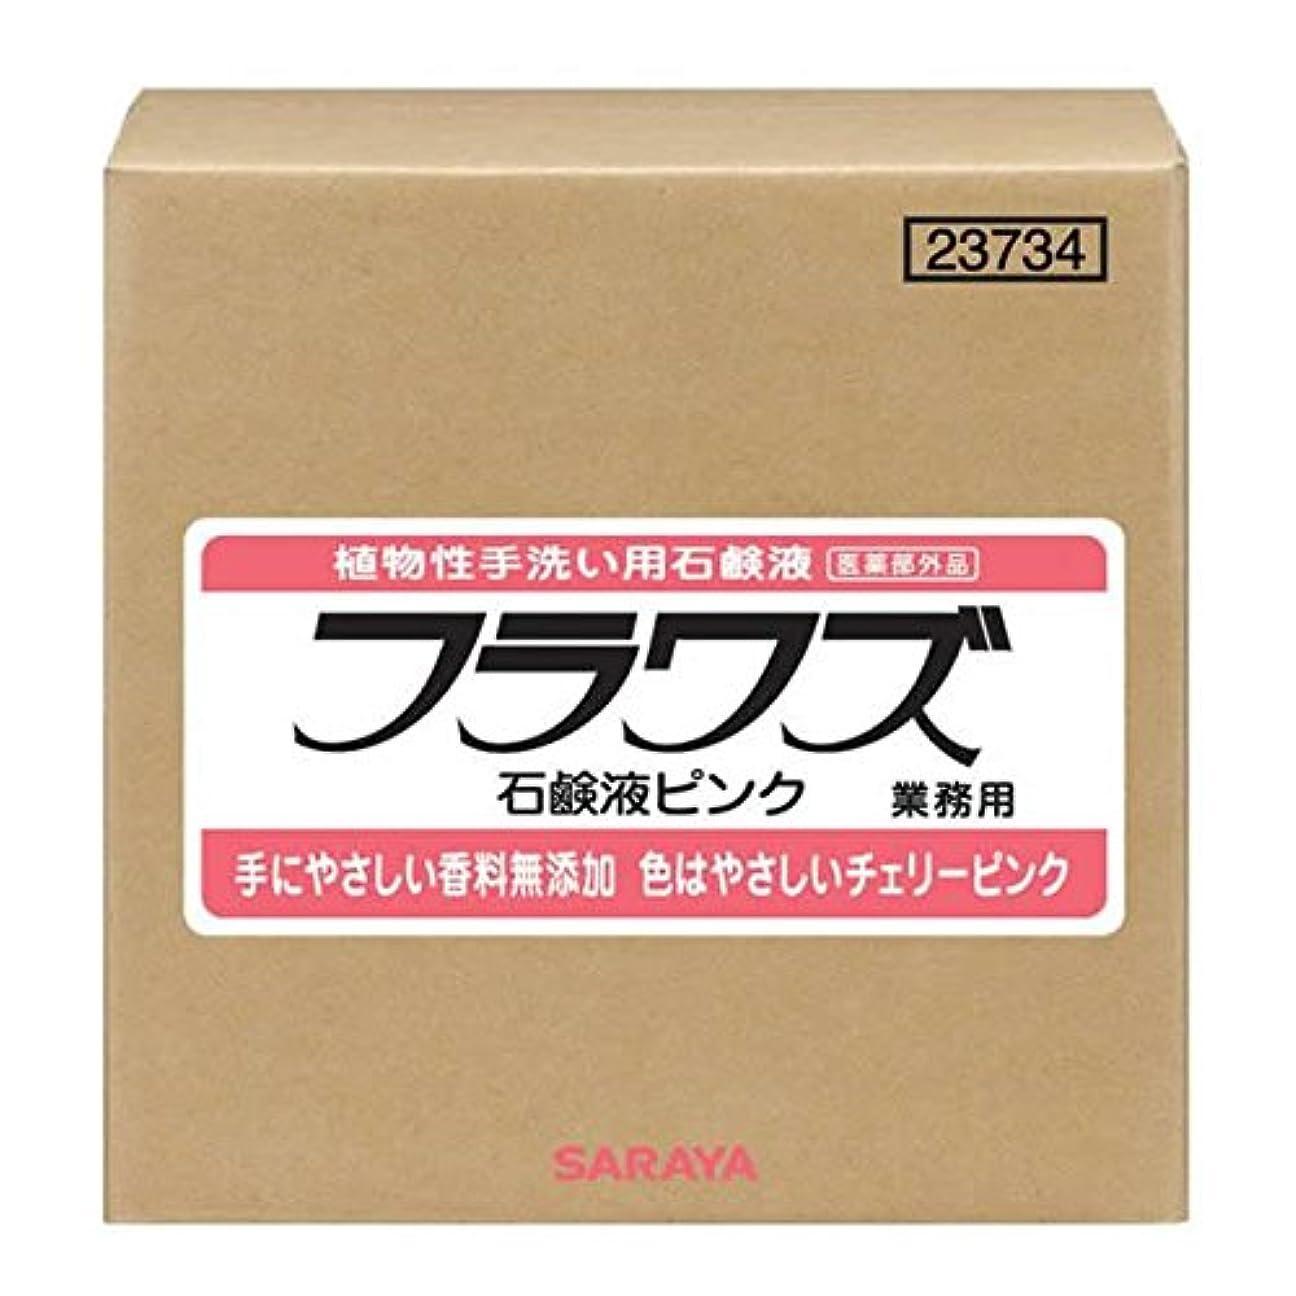 夏ファセットヒギンズサラヤ フラワズ石鹸液ピンク 20kg BIB 1箱